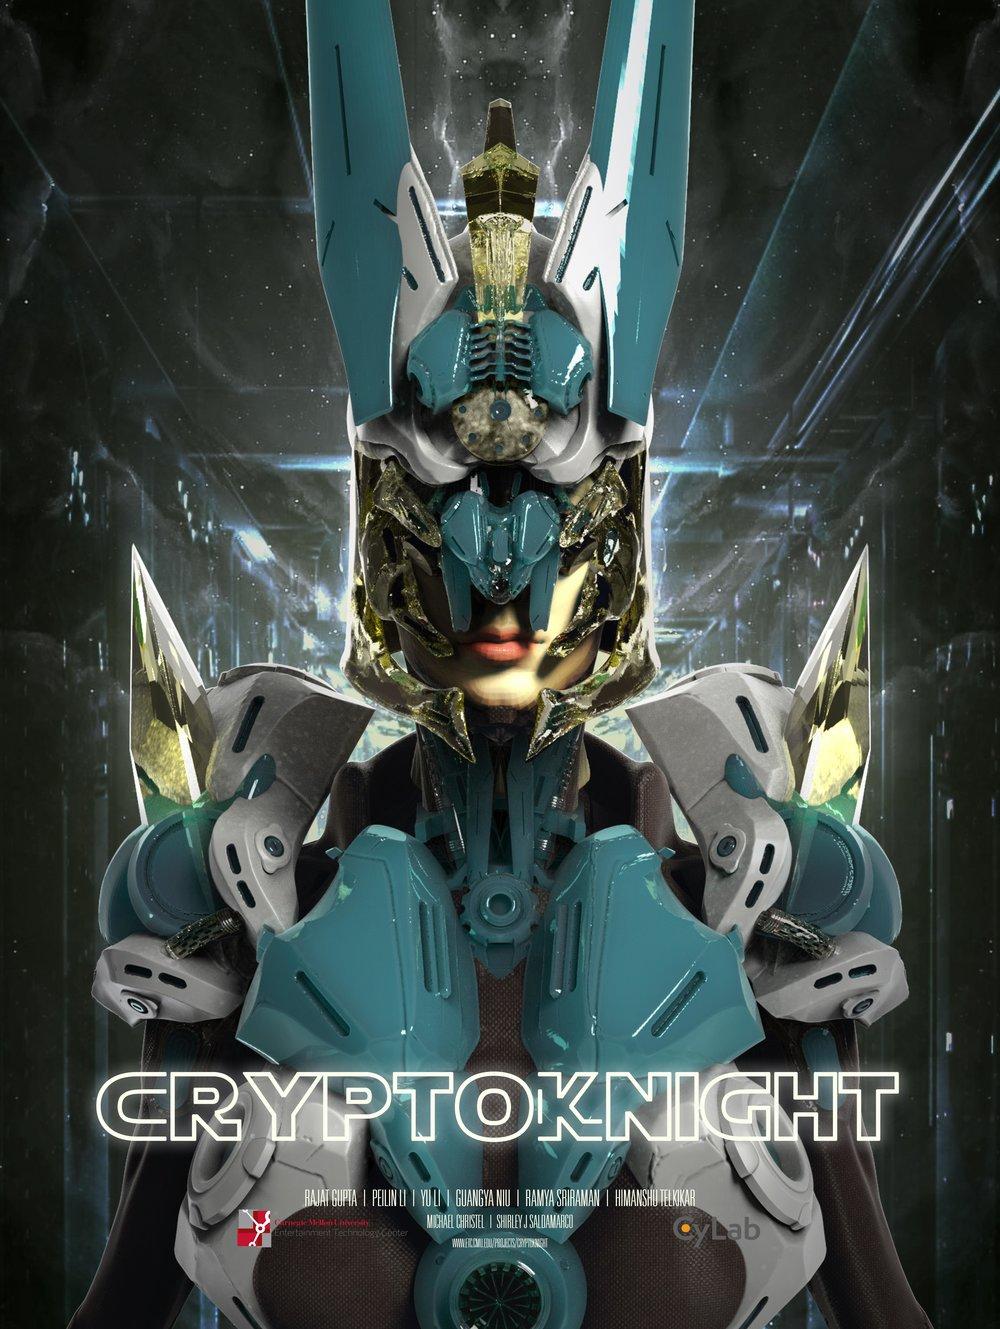 CryptoKnight_poster_jpg.jpg